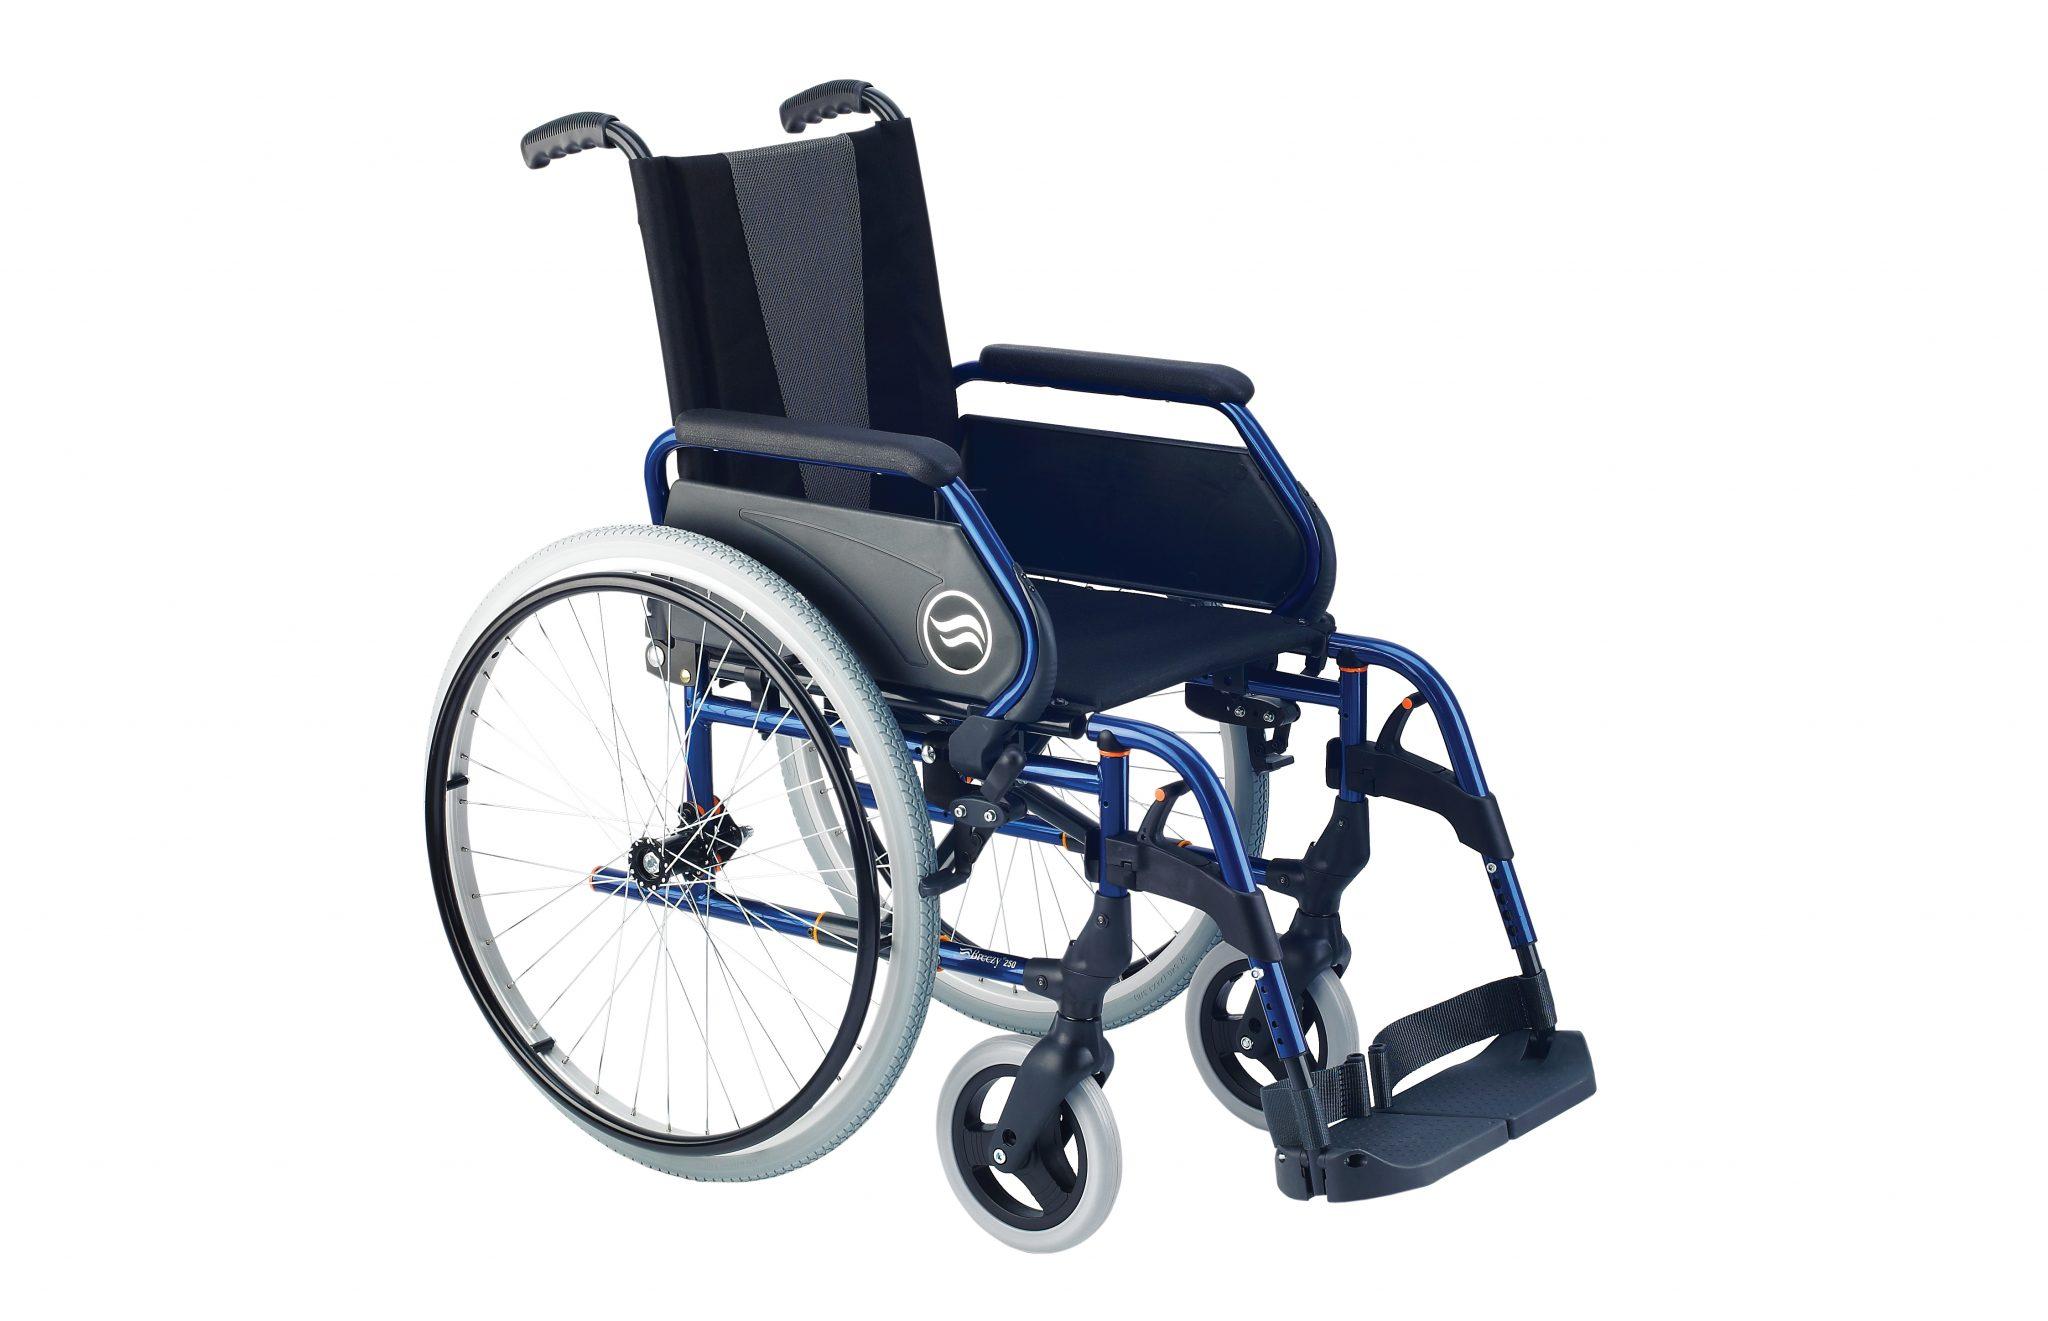 Cadeira de rodas manual, preta com estrutura azul, com roda grande, com vista de perfil.